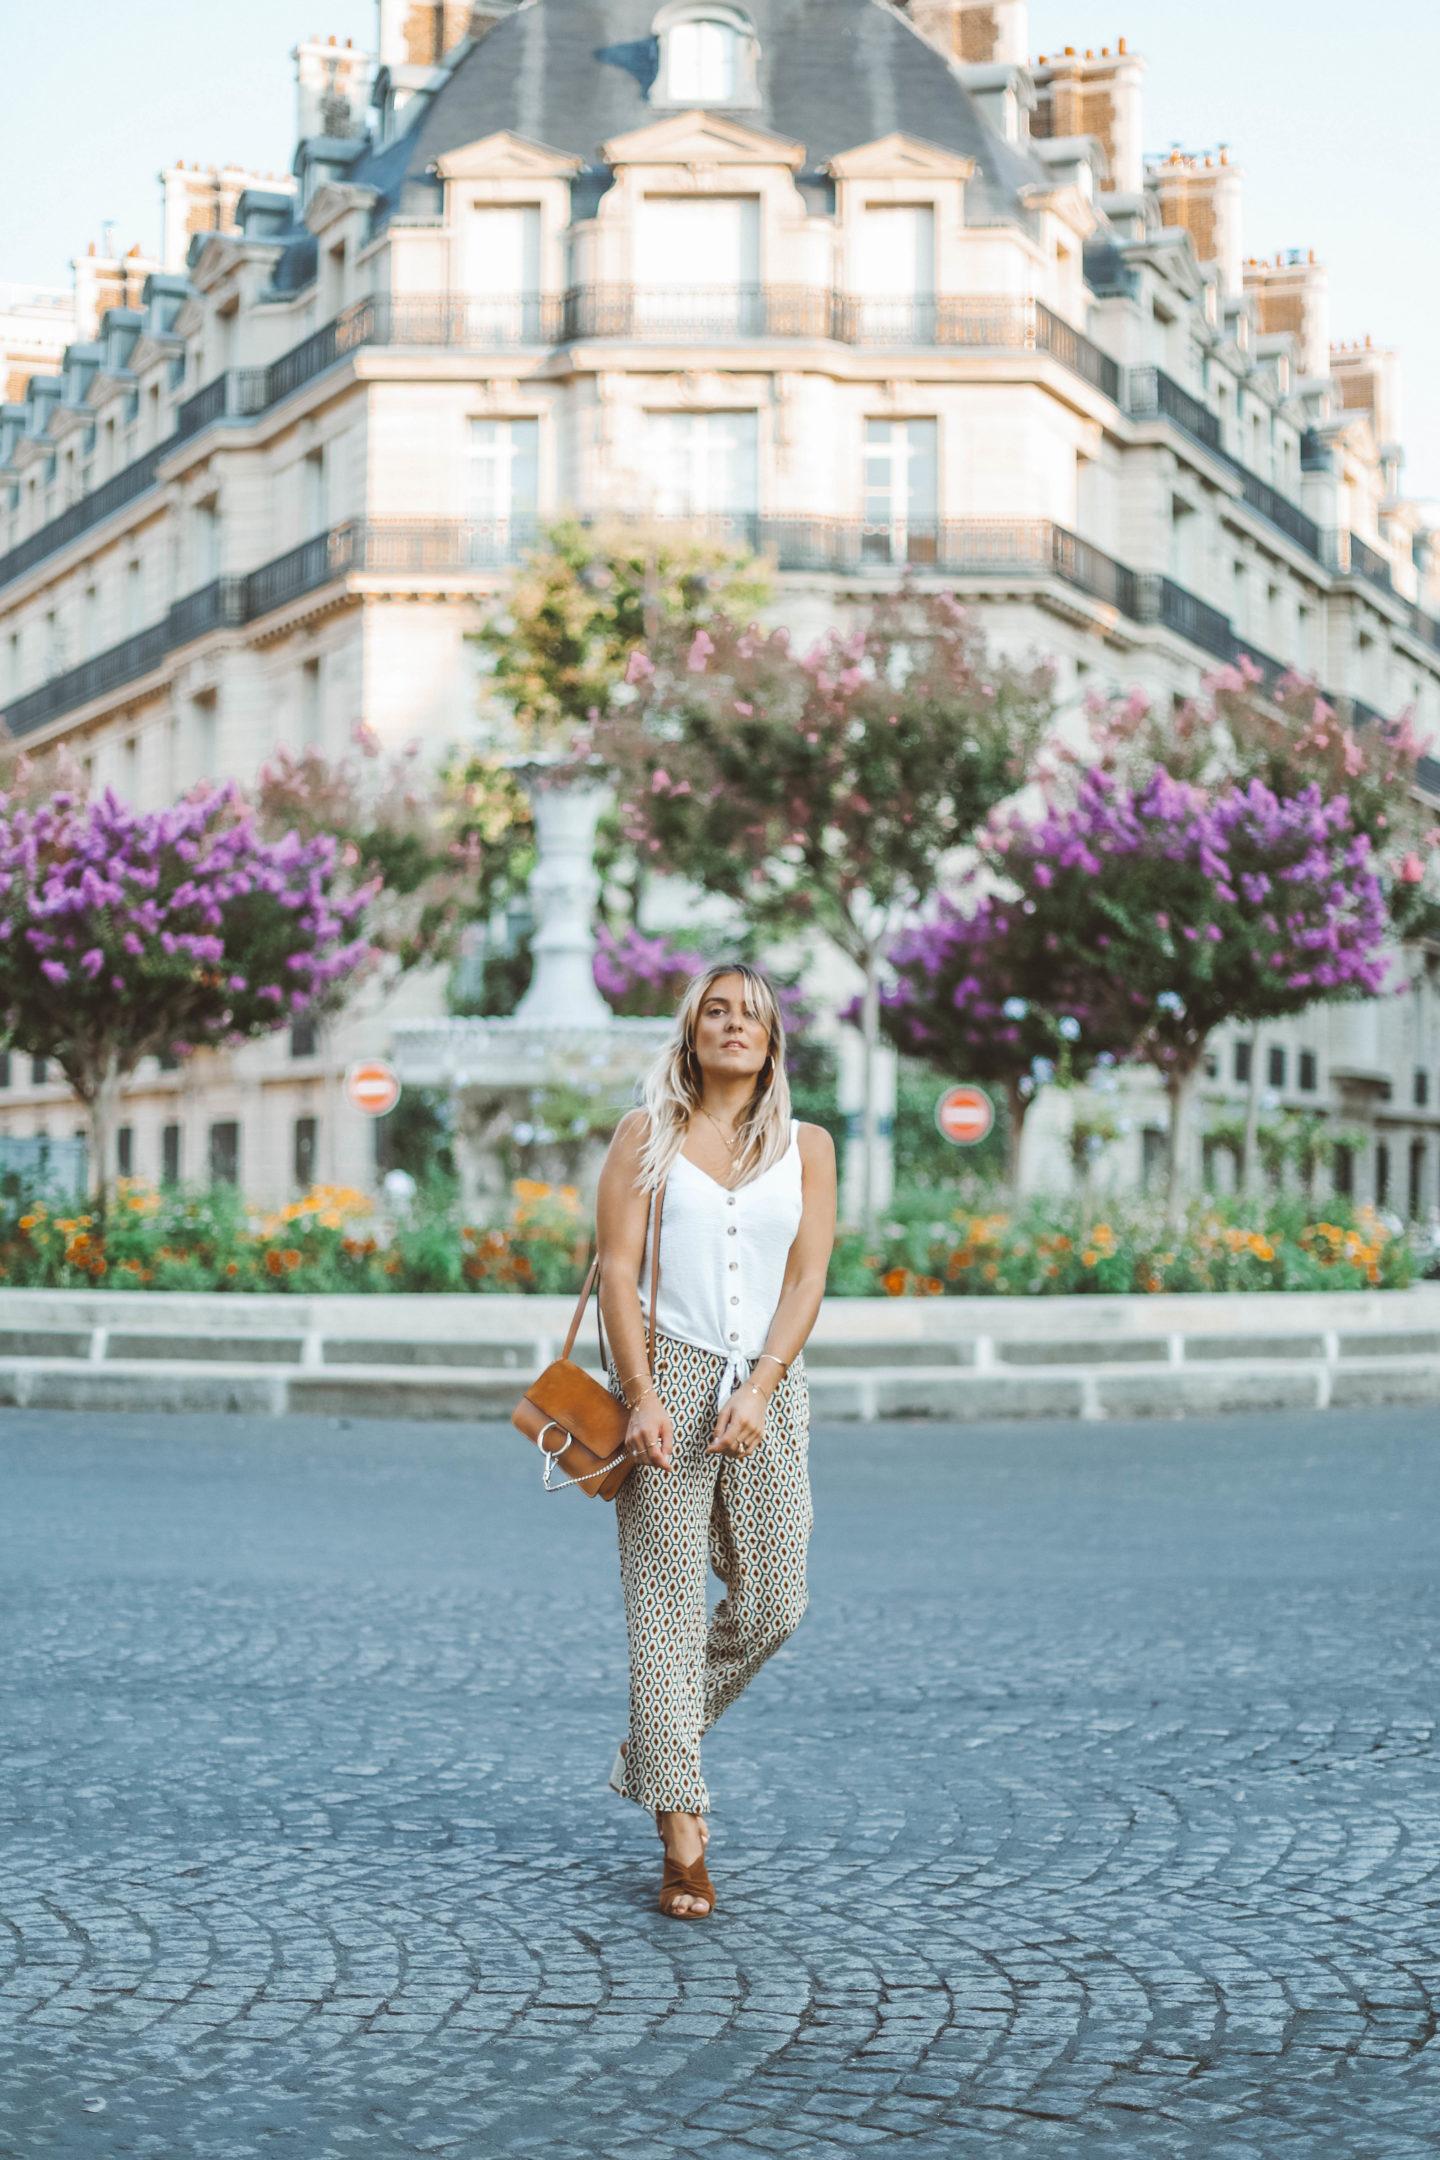 Sac Chloé - Blondie Baby blog mode Paris et voyages